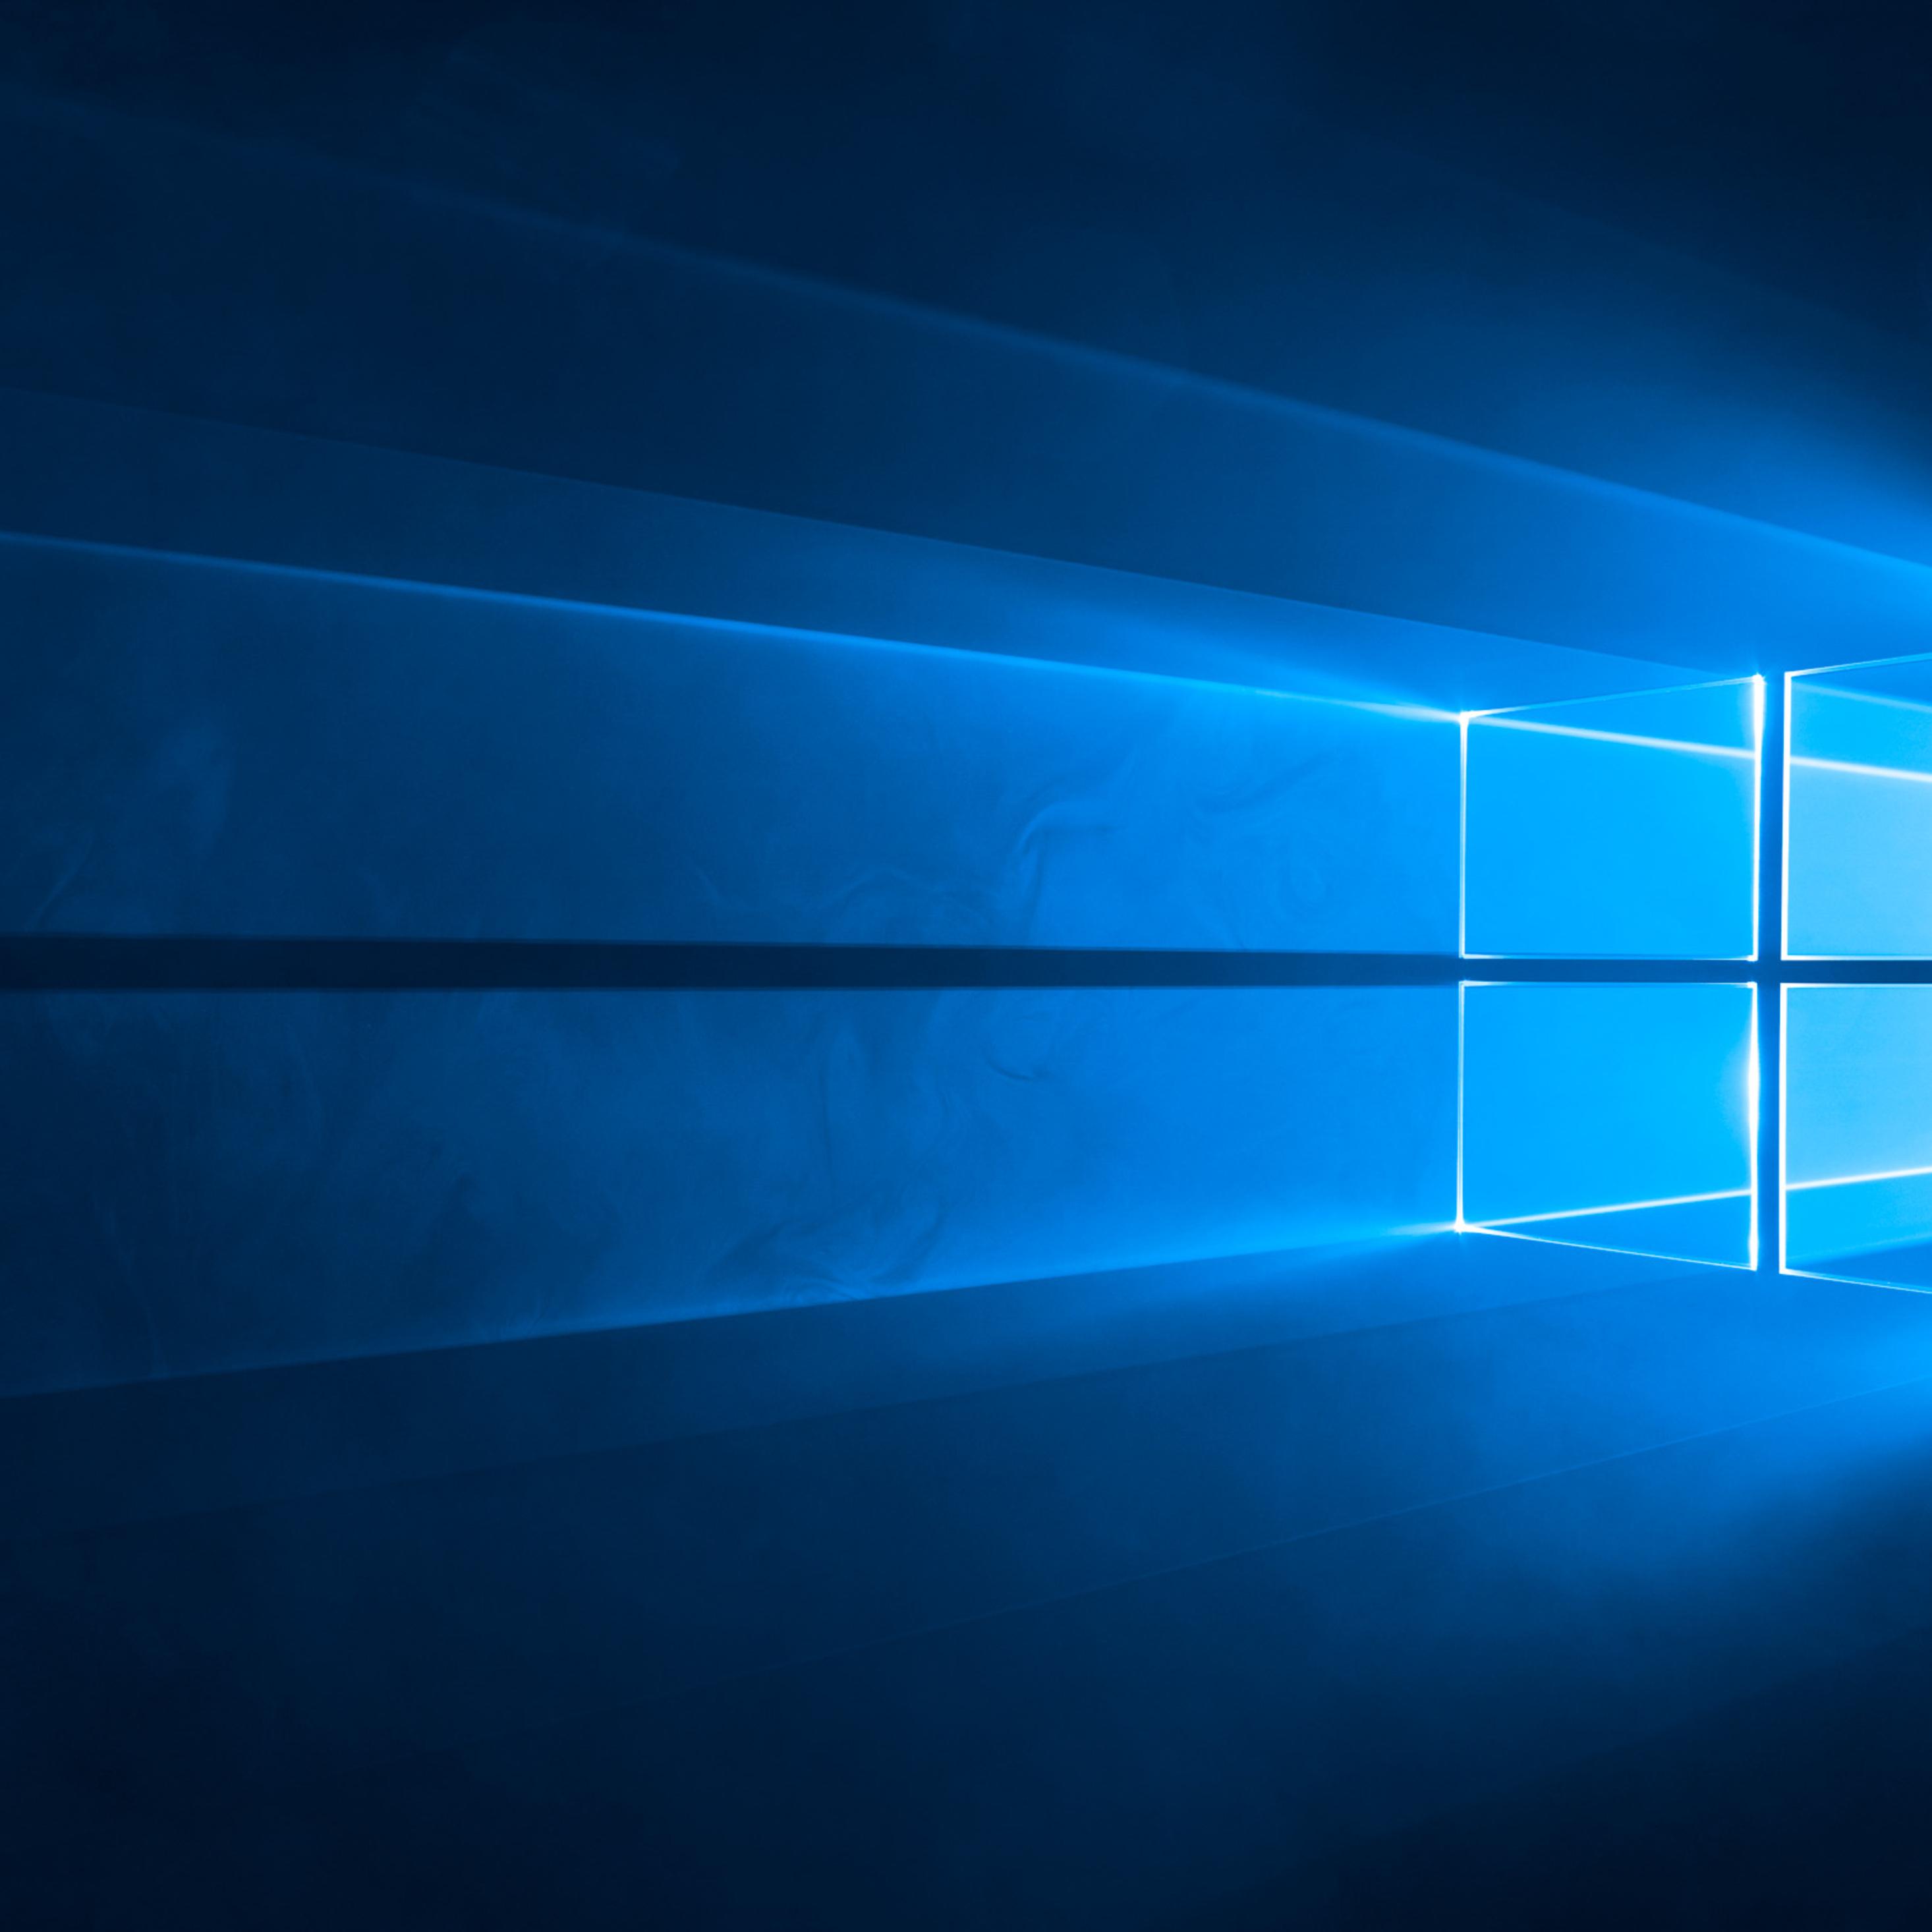 2932x2932 Windows 10 Original Ipad Pro Retina Display Hd 4k